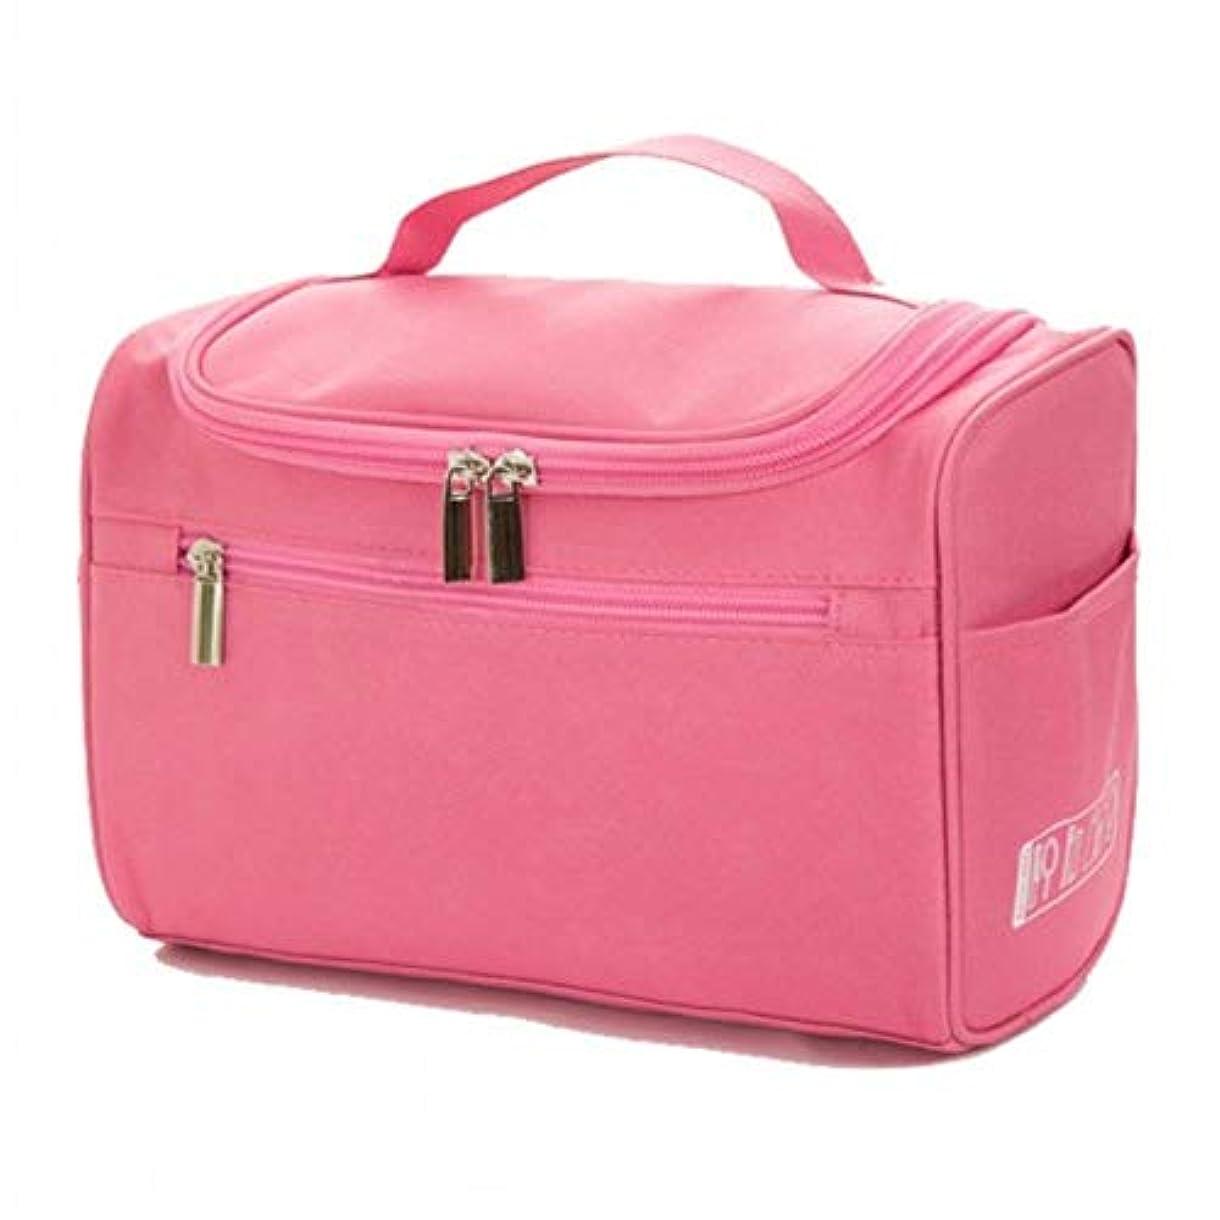 図シーサイド印象的女性のメンズラージ防水コスメティックバッグトラベルコスメティックバッグ組織の要件化粧品トイレバッグ,ピンク